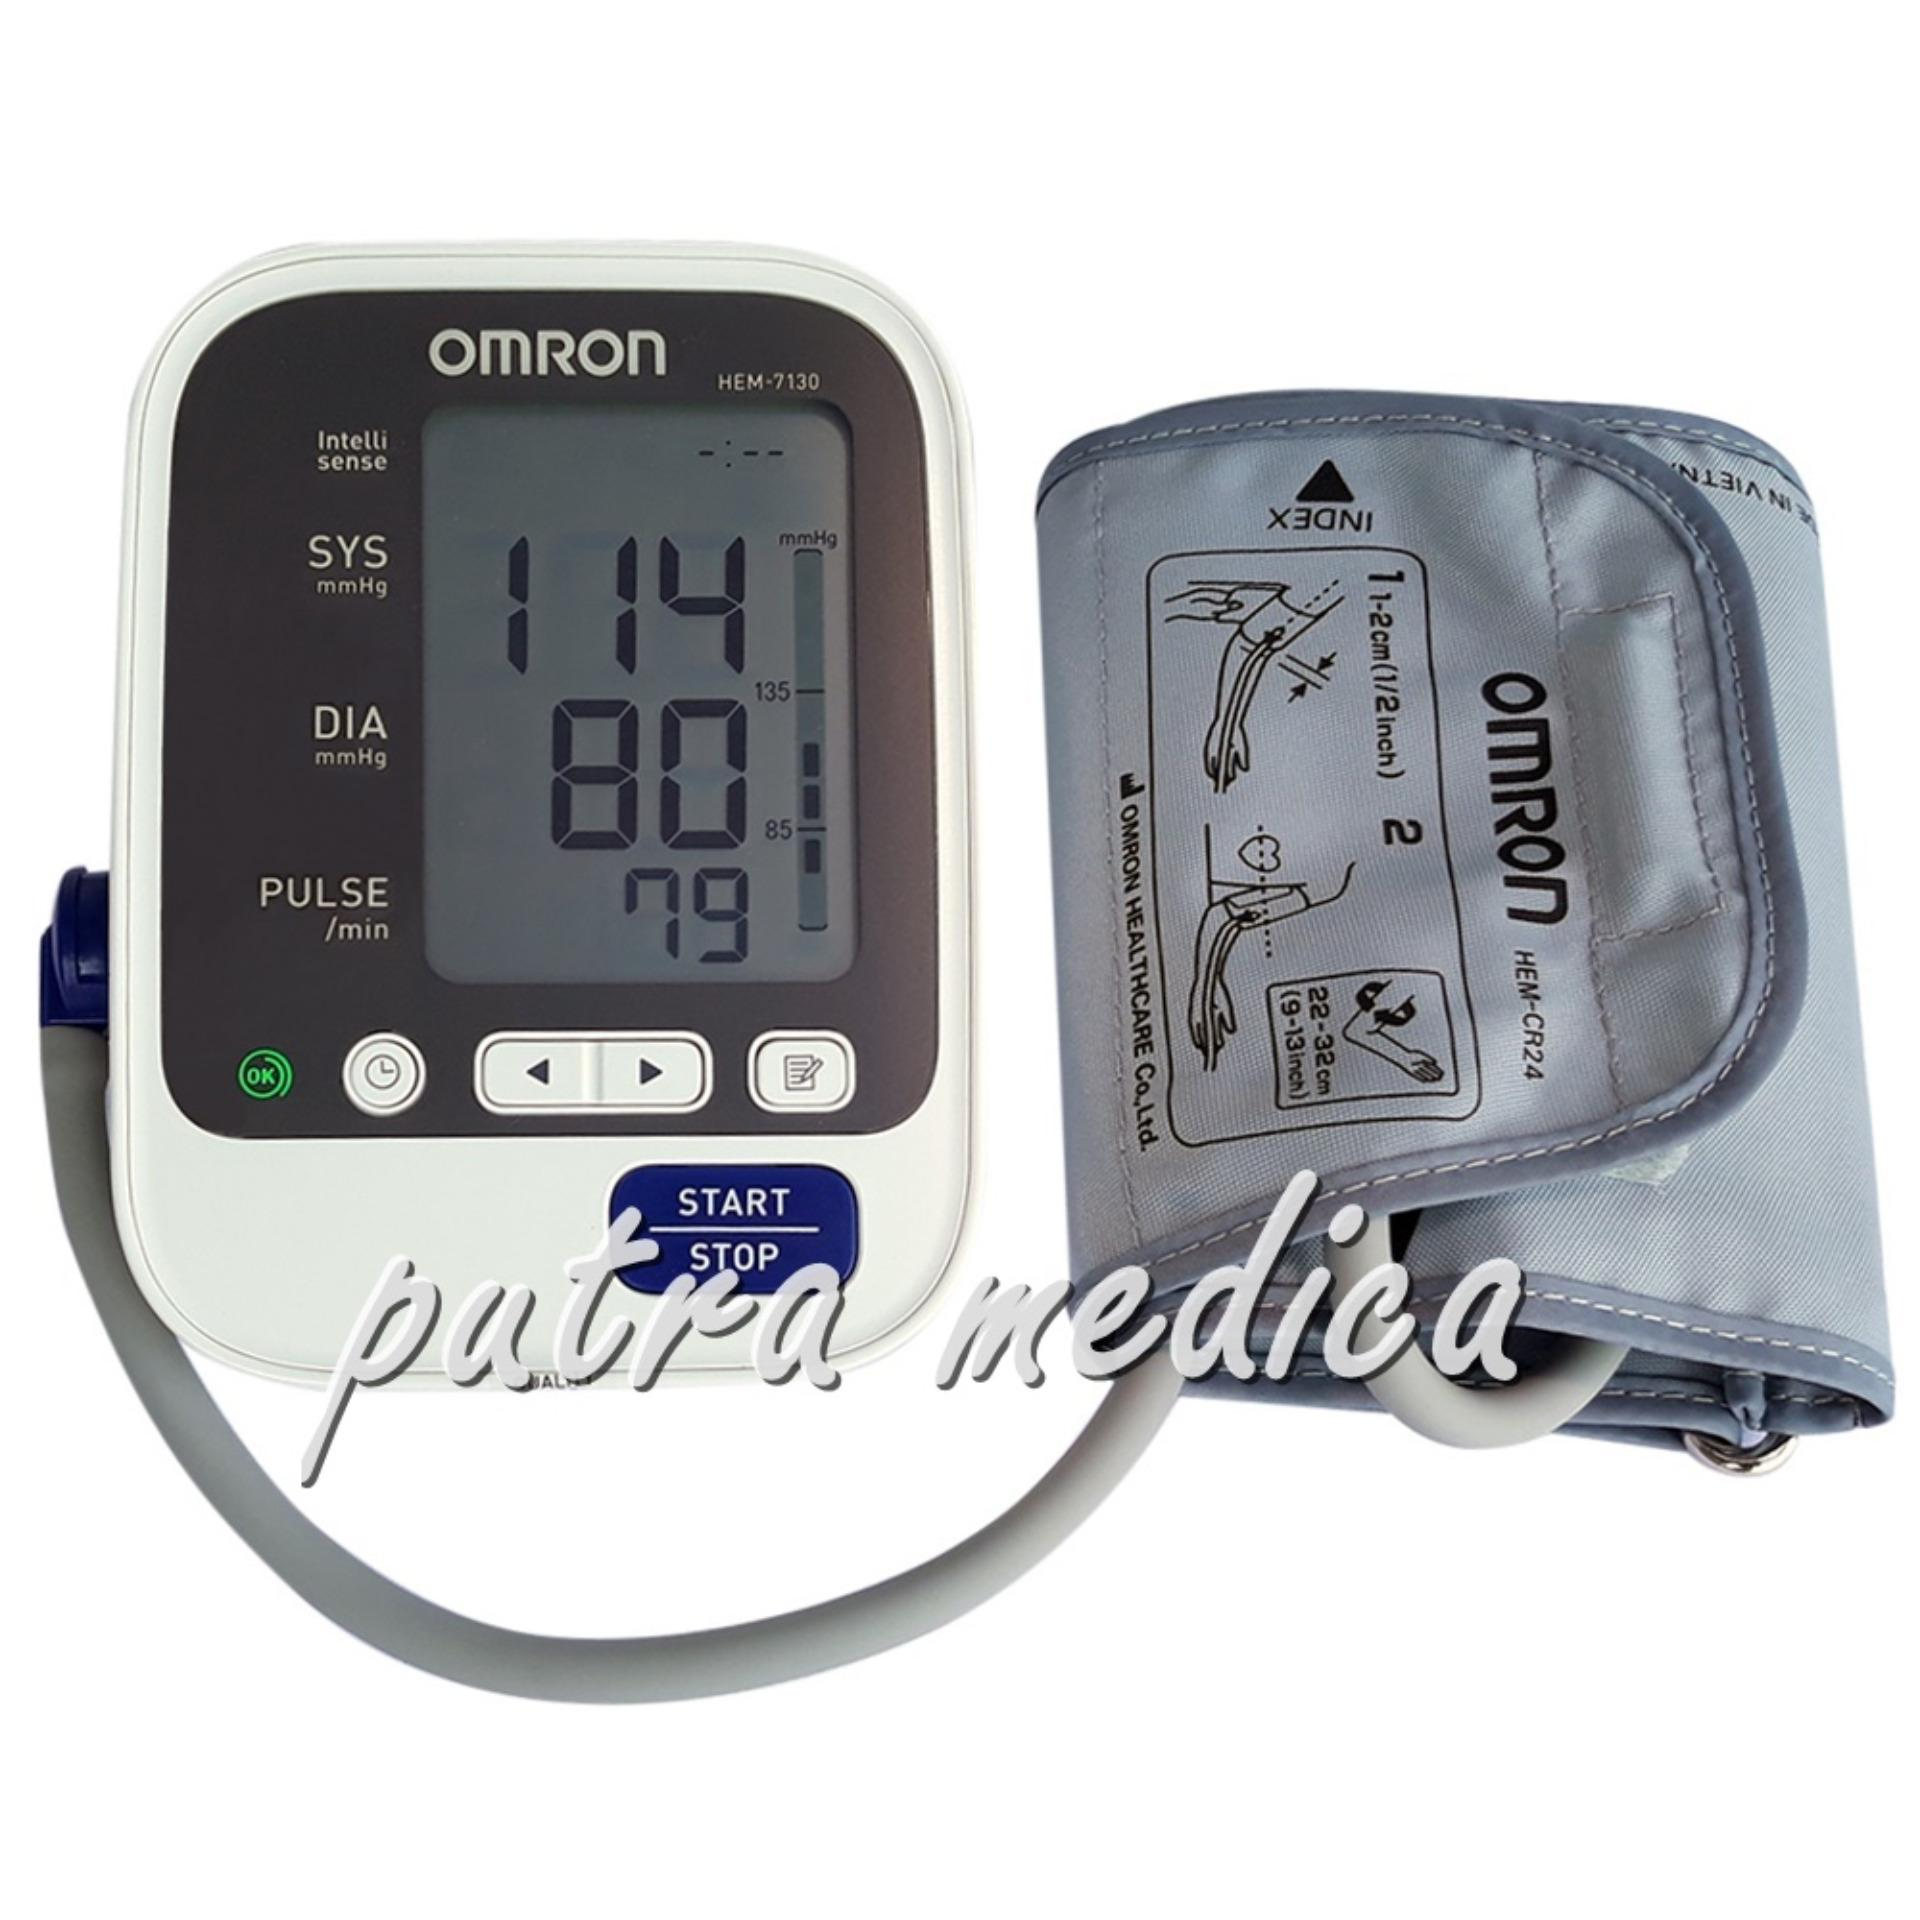 Harga Putra Medica Omron Tensimeter Digital Hem 7130 Tensi Elektrik Berkualitas Alat Ukur Pengukur Tekanan Darah Original